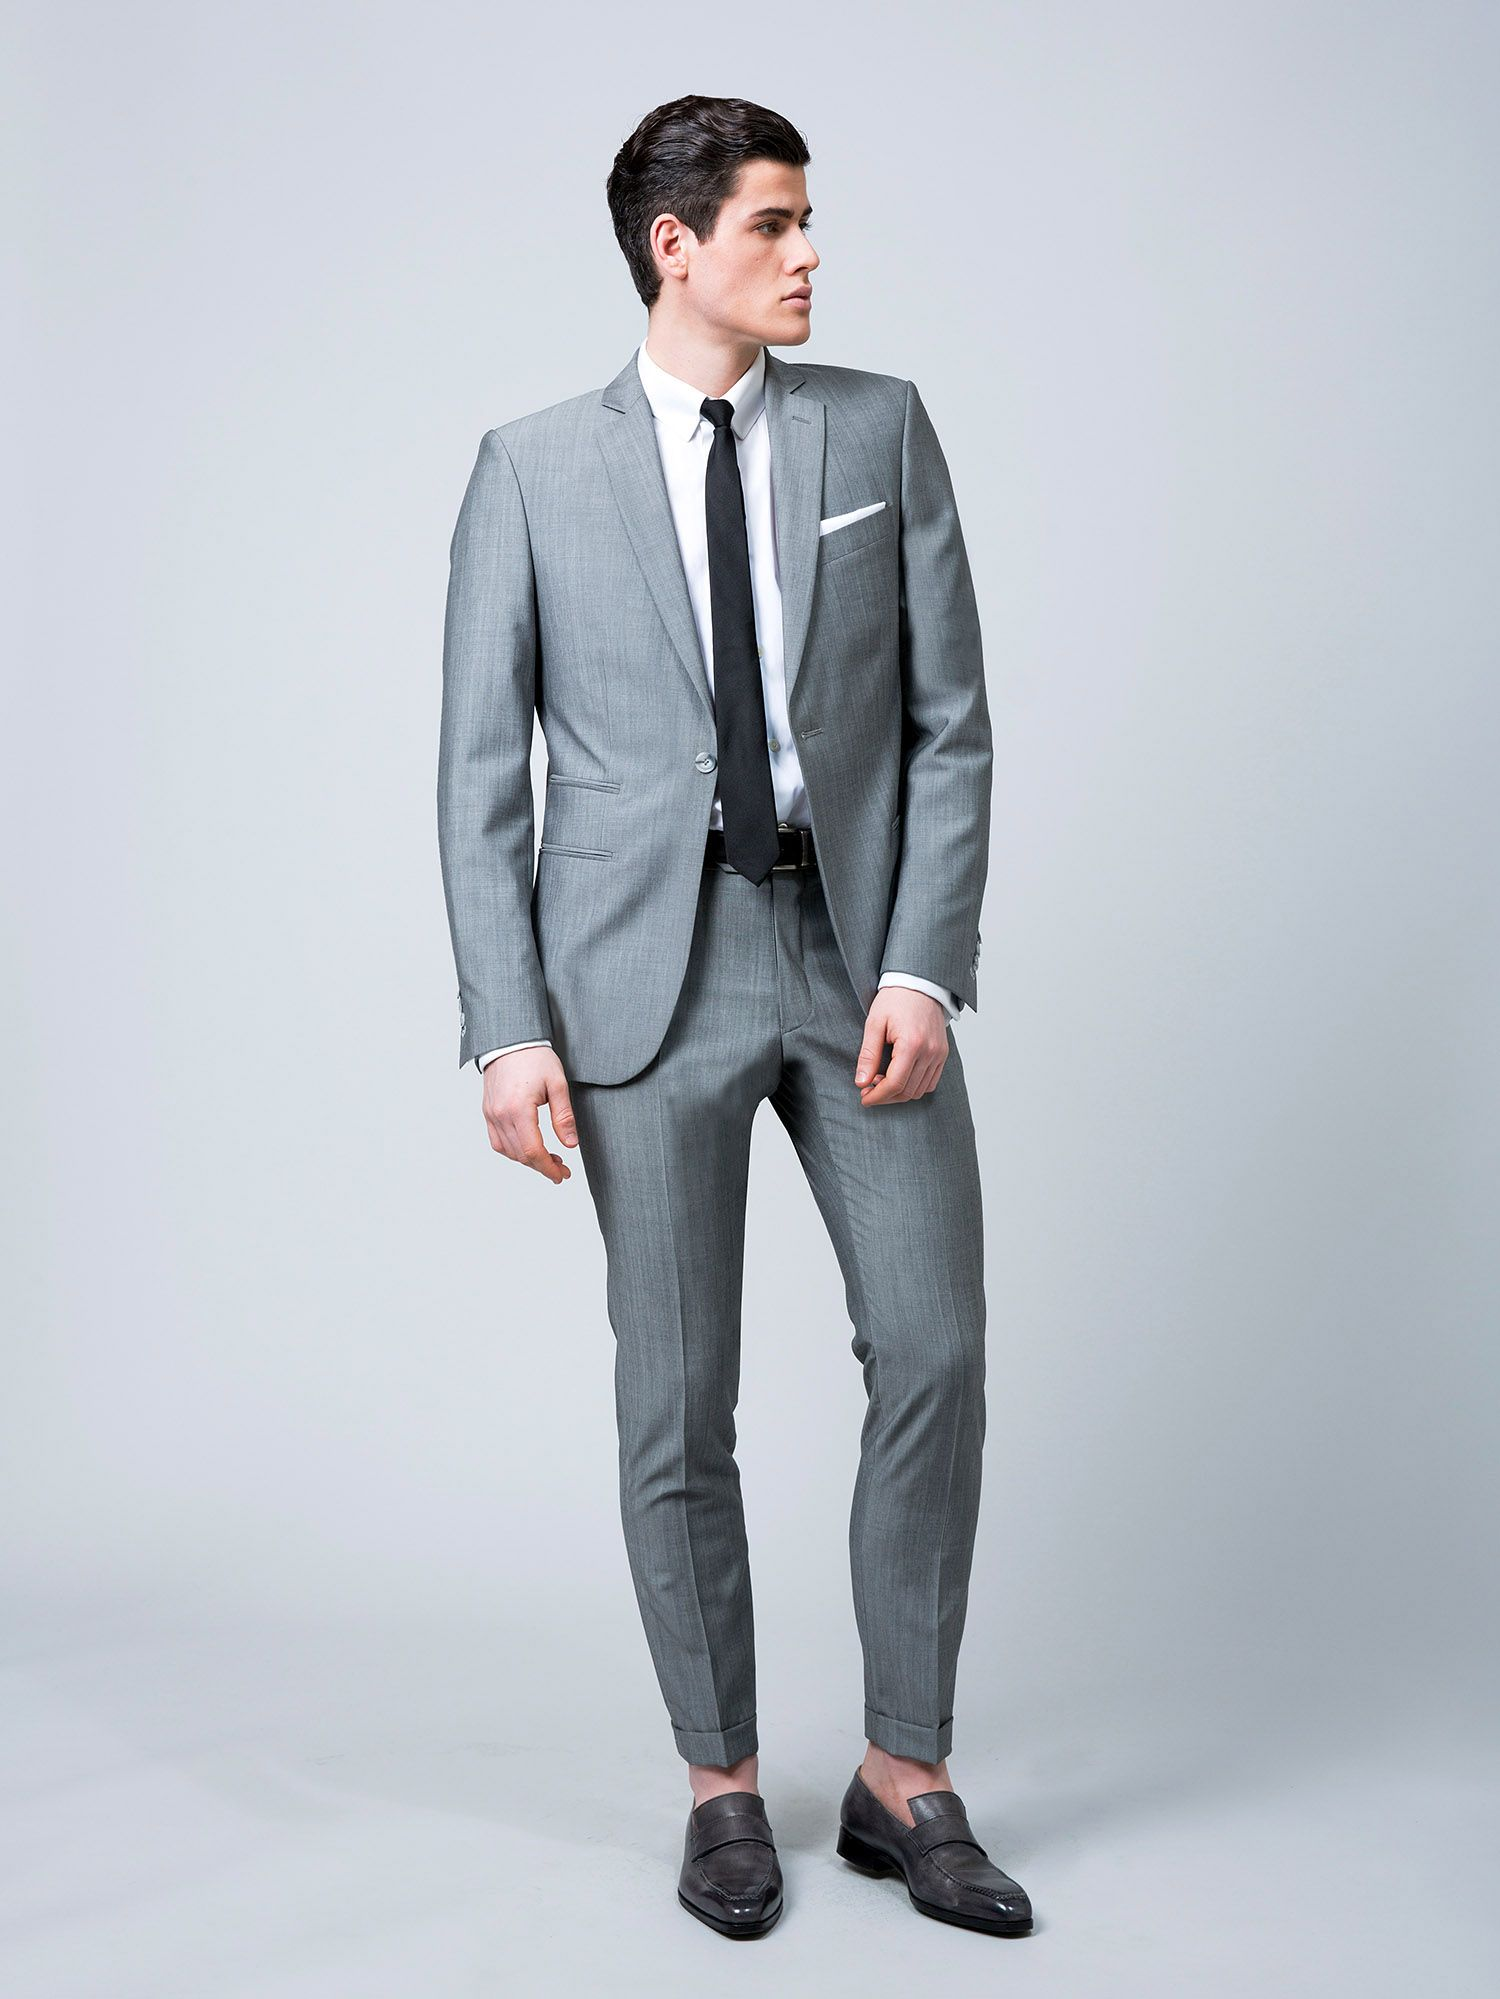 Costume sur mesure, en toile laine et mohair super 120 s, 1 bouton, revers  étroits, 2 poches droites avec poche ticket, sans rabats, 730 € 554f8563116